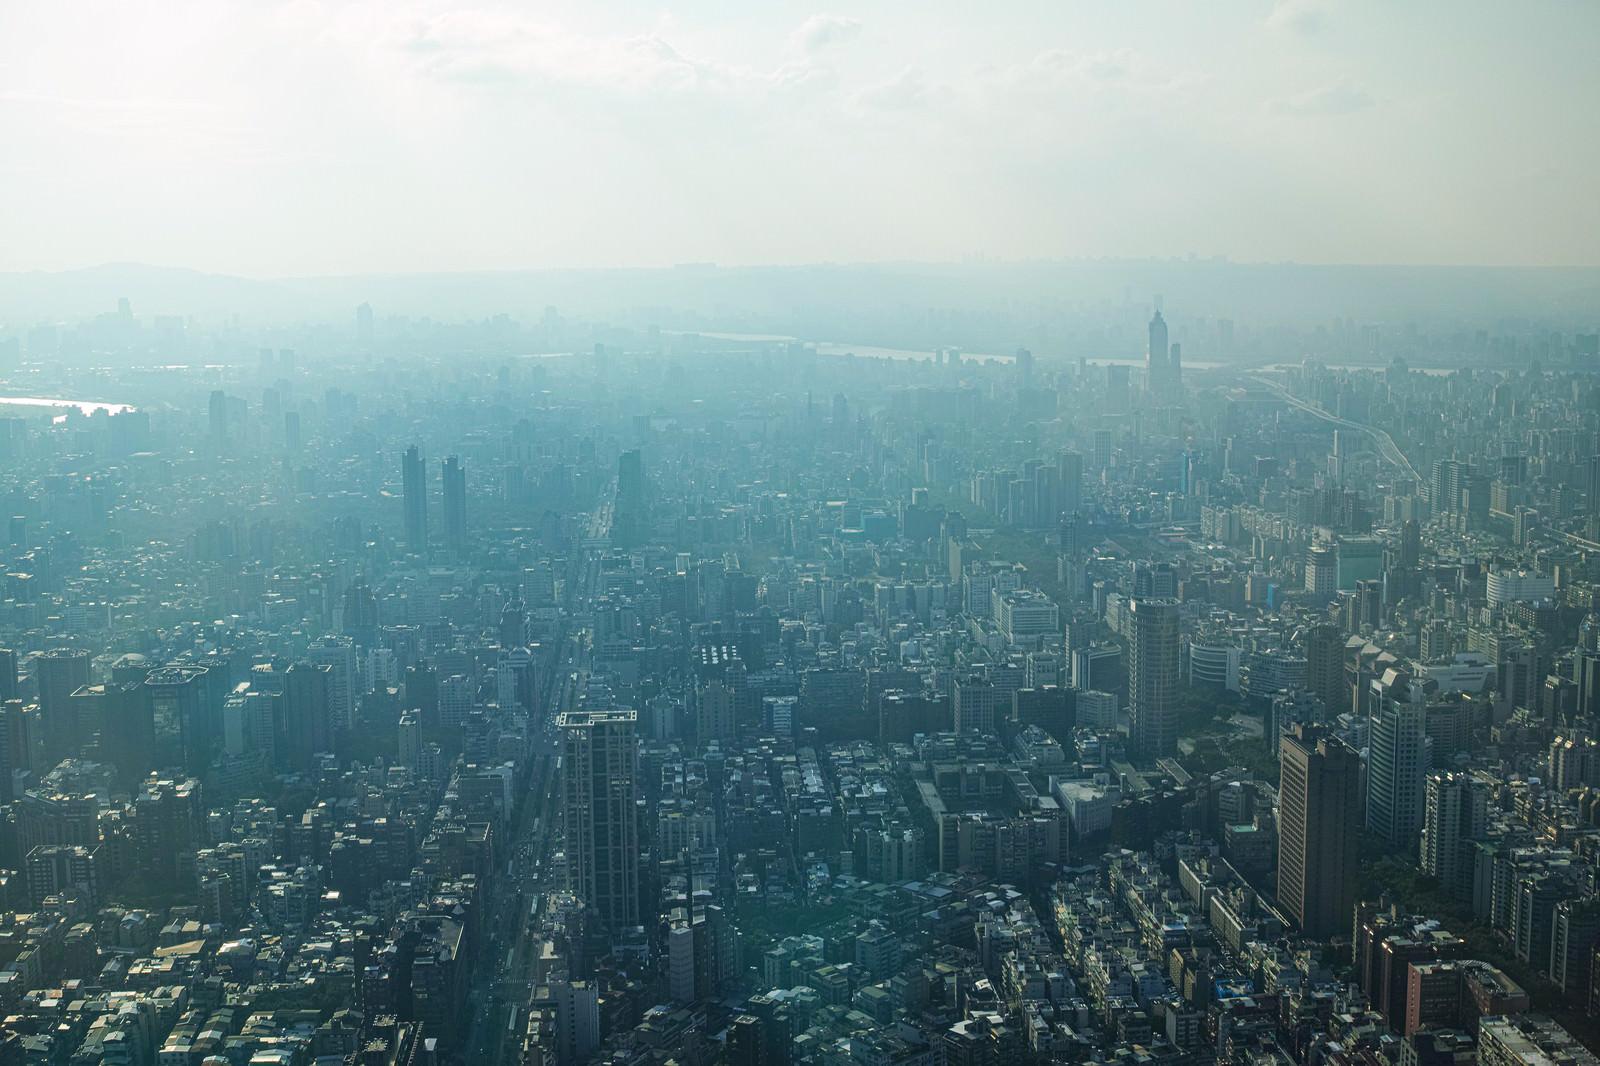 「台北の街並みに降り注ぐ日の光」の写真